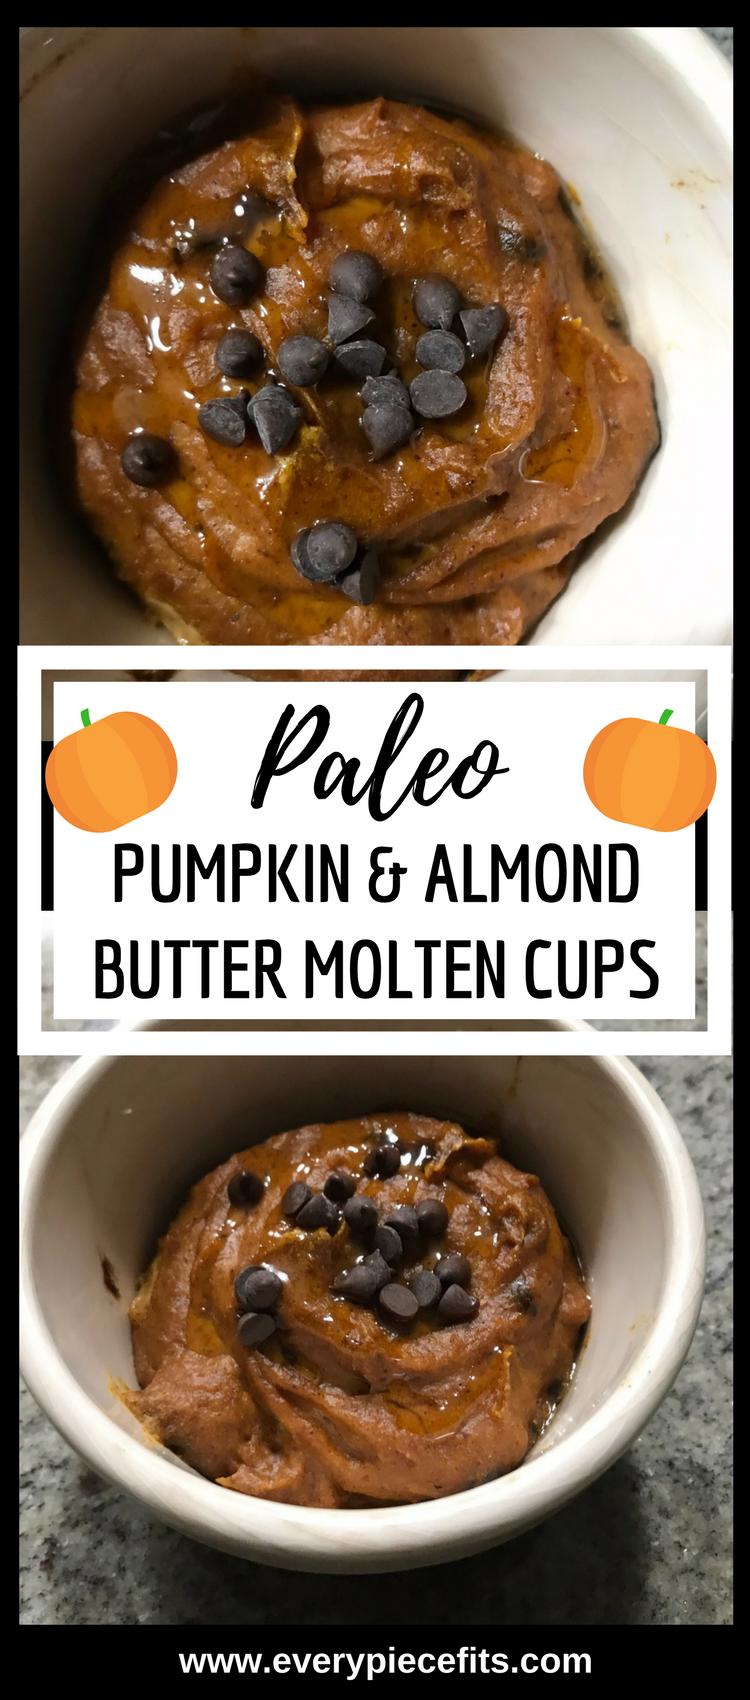 Pinterest Paleo Pumpkin & Almond Butter Molten Cake Cups.png